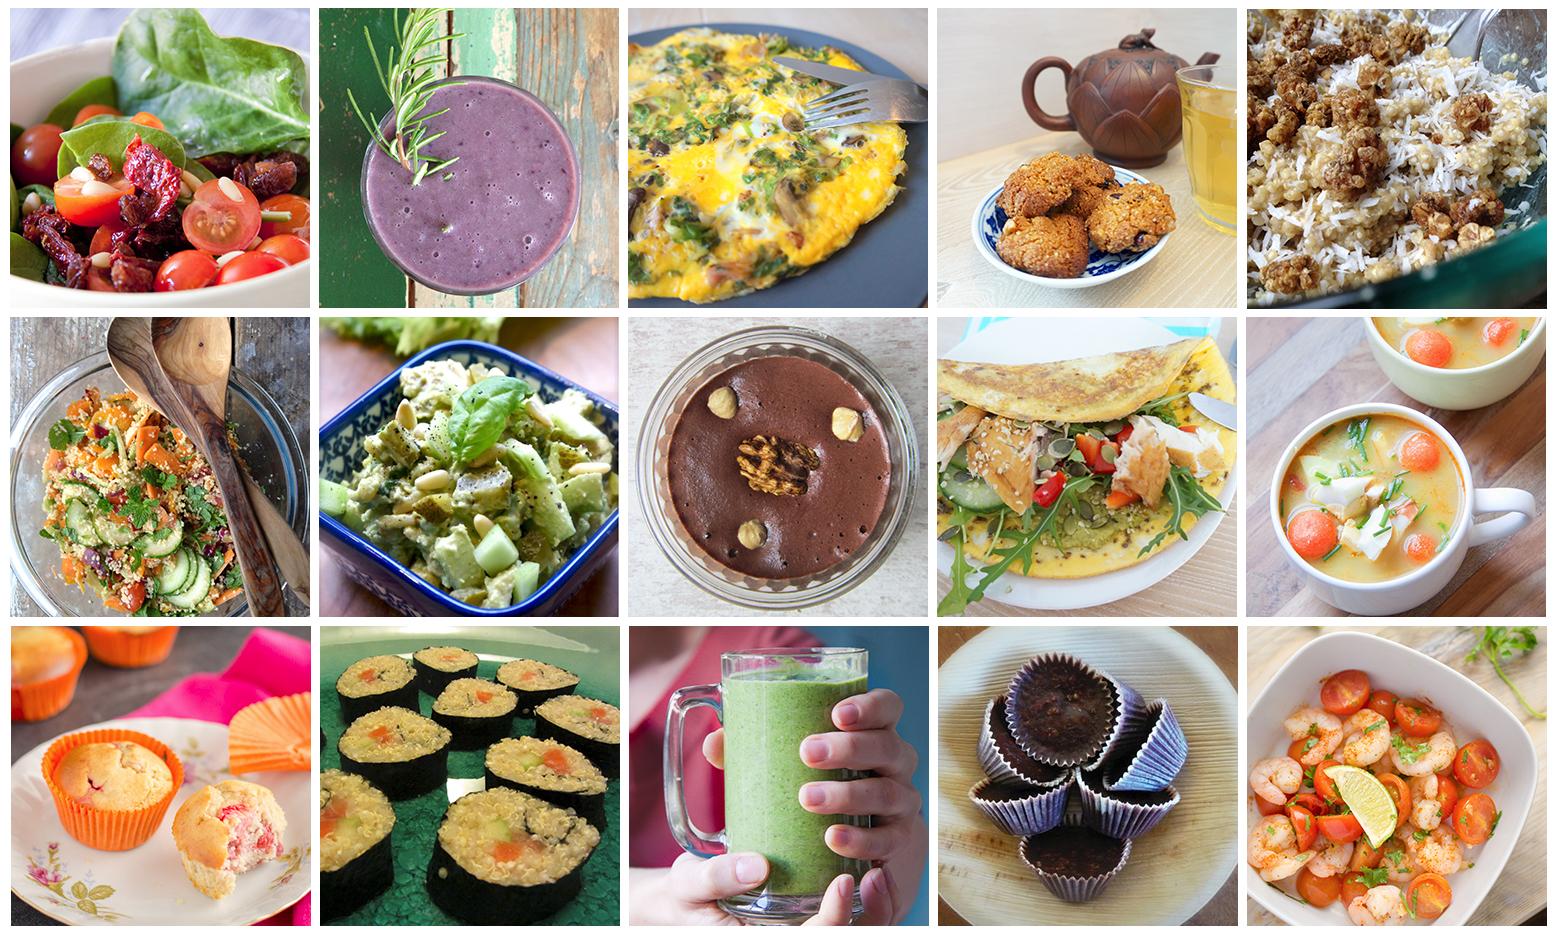 lekker eten en gezond afvallen